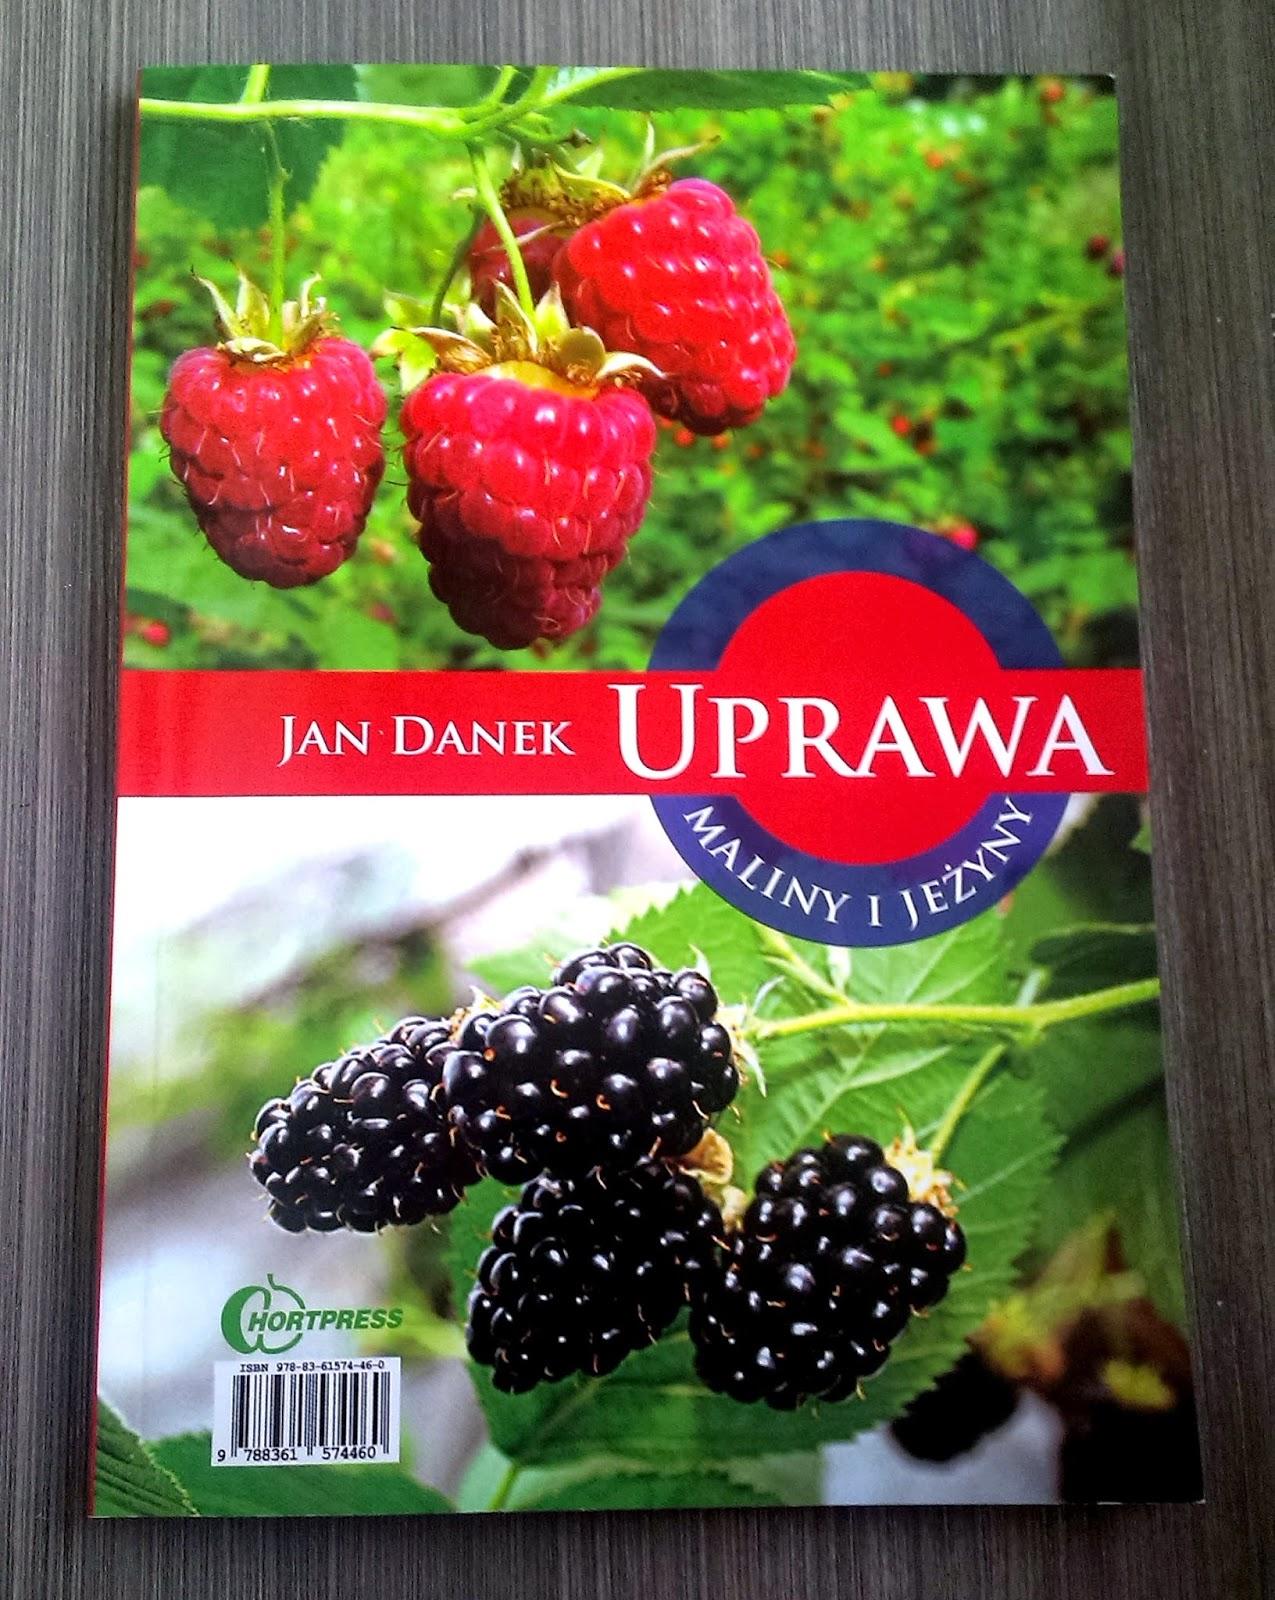 Takie książki - Taka Troche o Jan Danek - Uprawa Maliny i Jeżyny